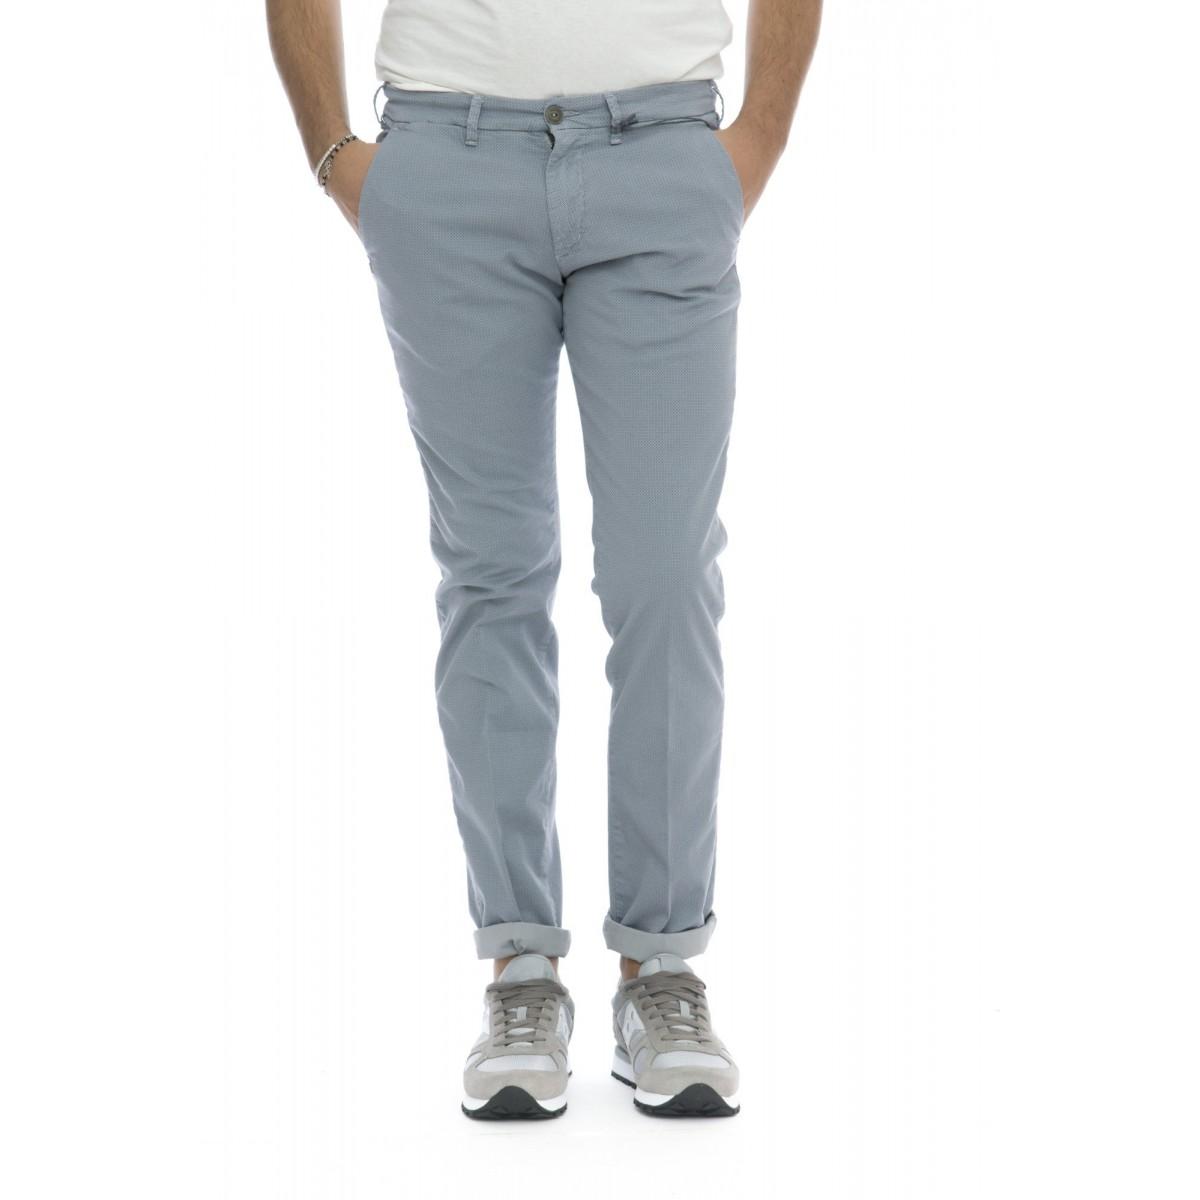 Pantalone uomo - Lenny 9616